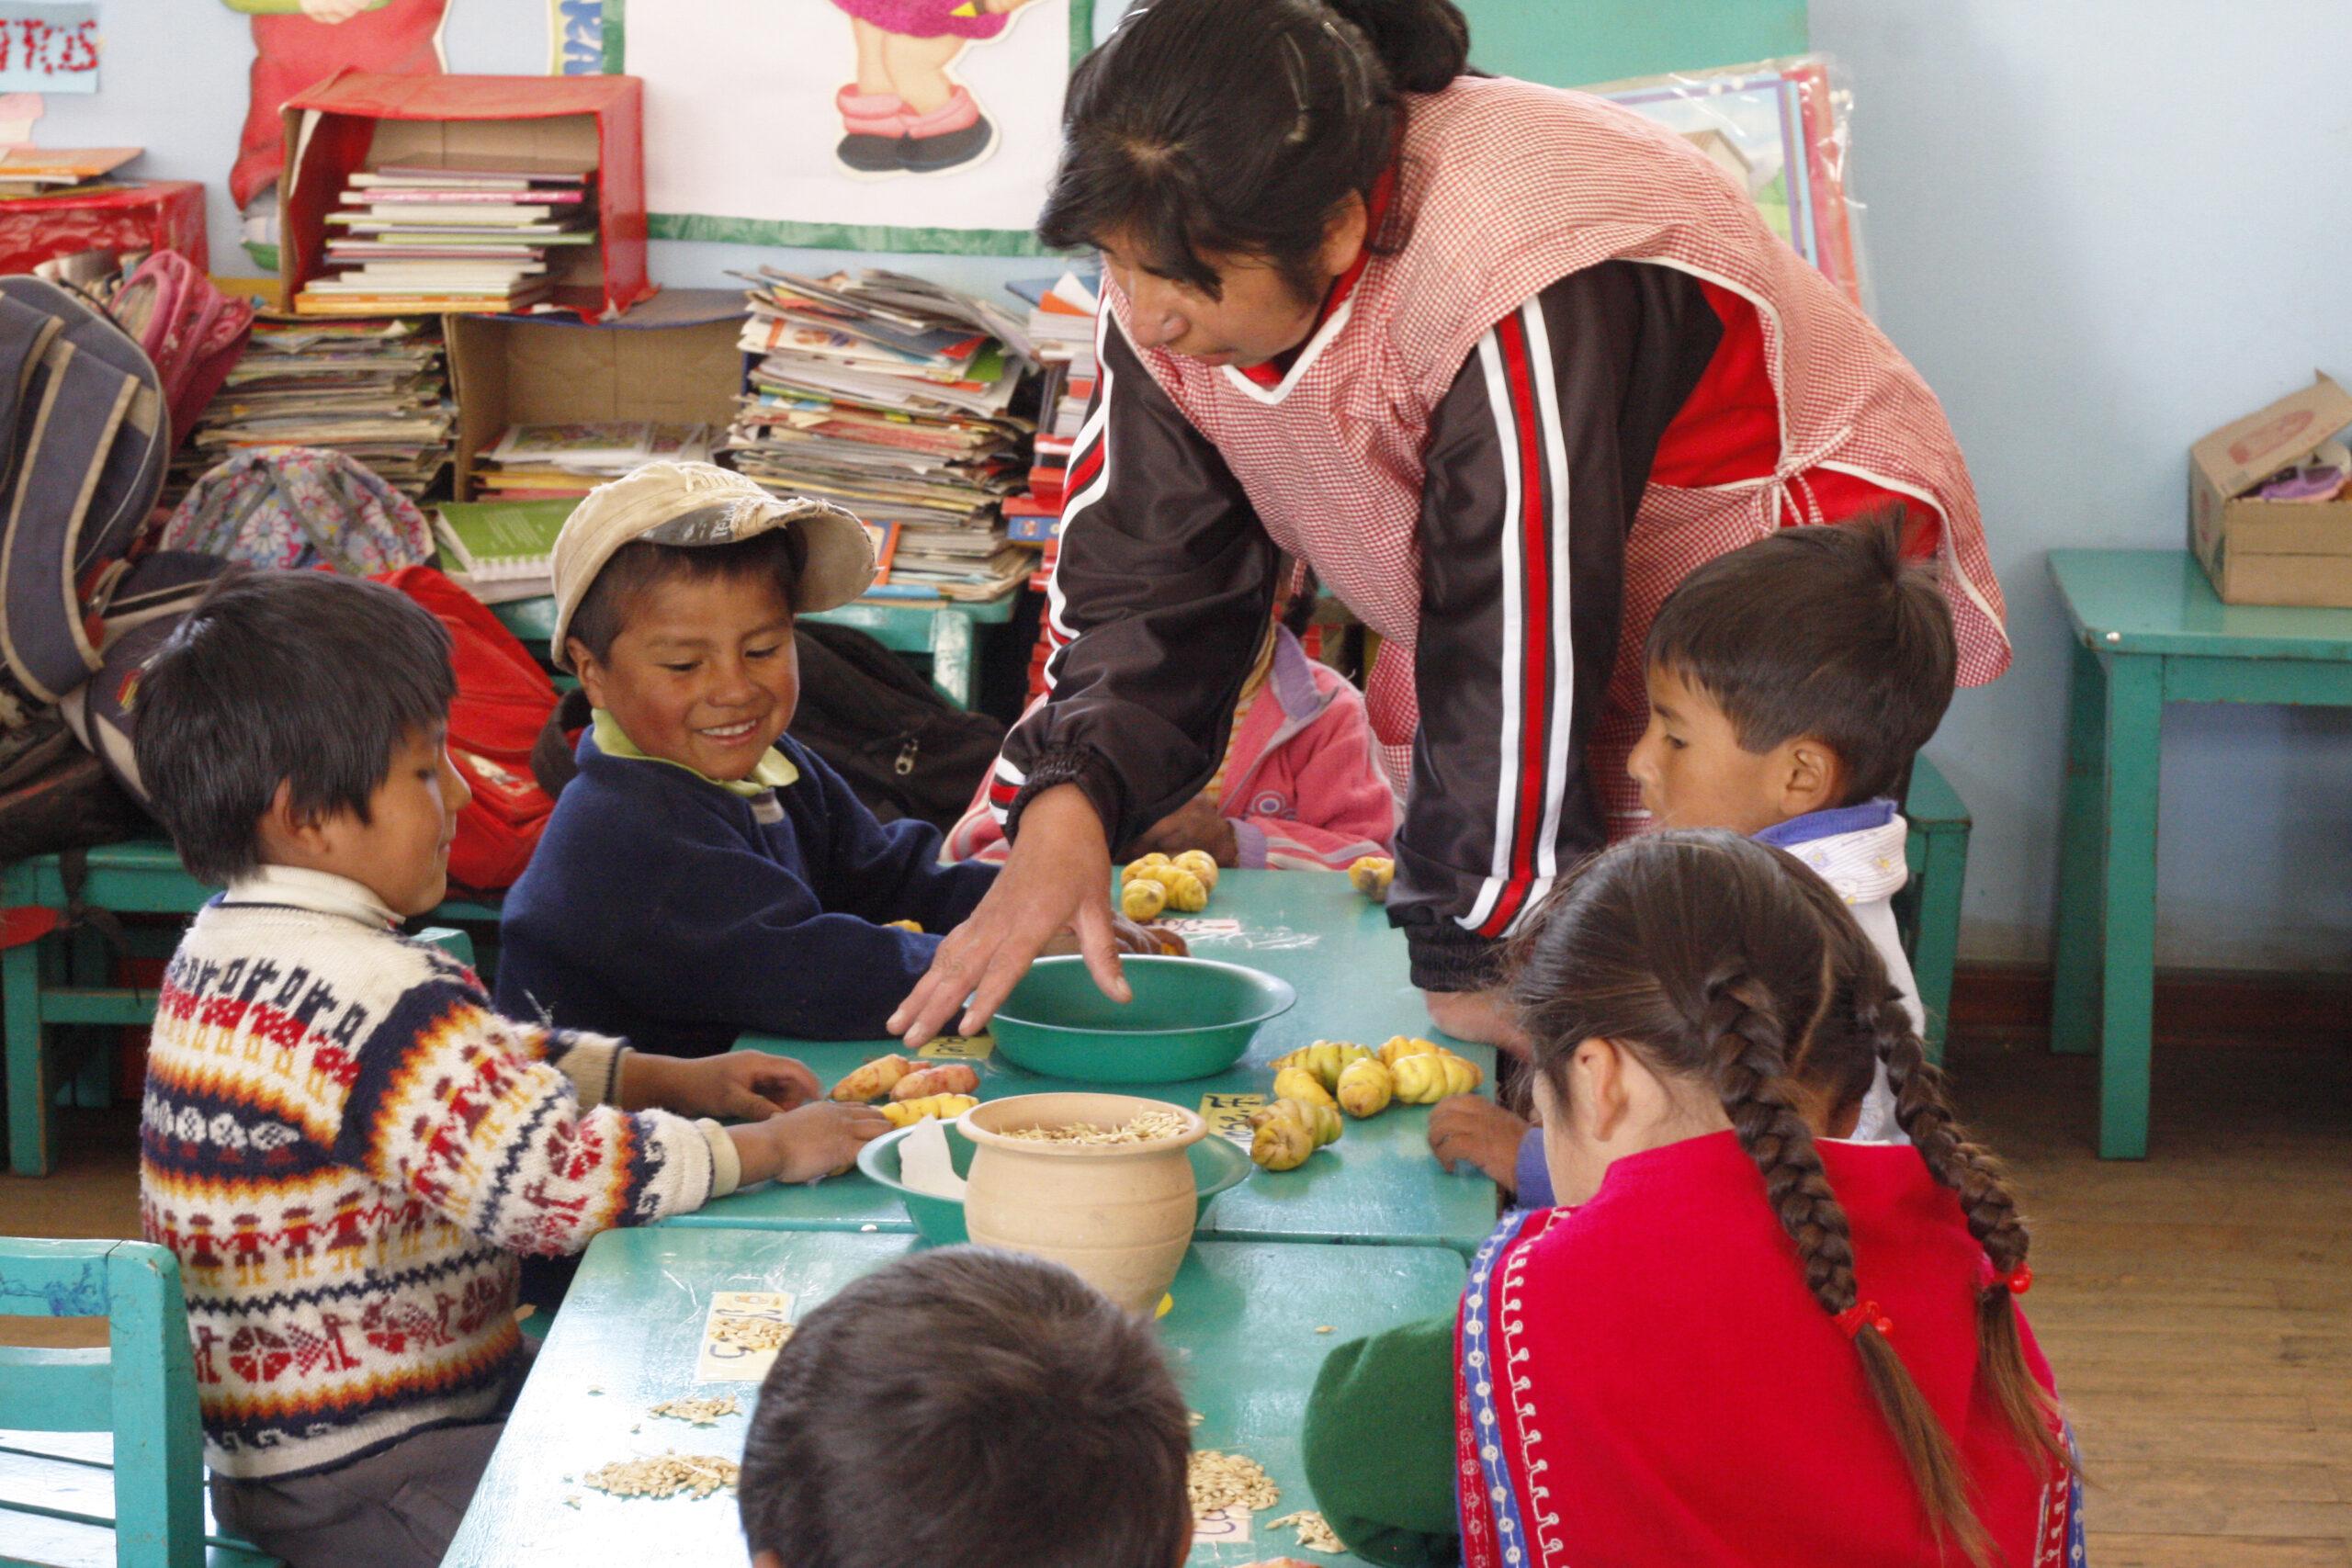 GNO0455_Anbau von Obst und Gemüste_Plan International_Bild stammt aus einem ähnlichen Plan-Projekt in Peru_Bild1